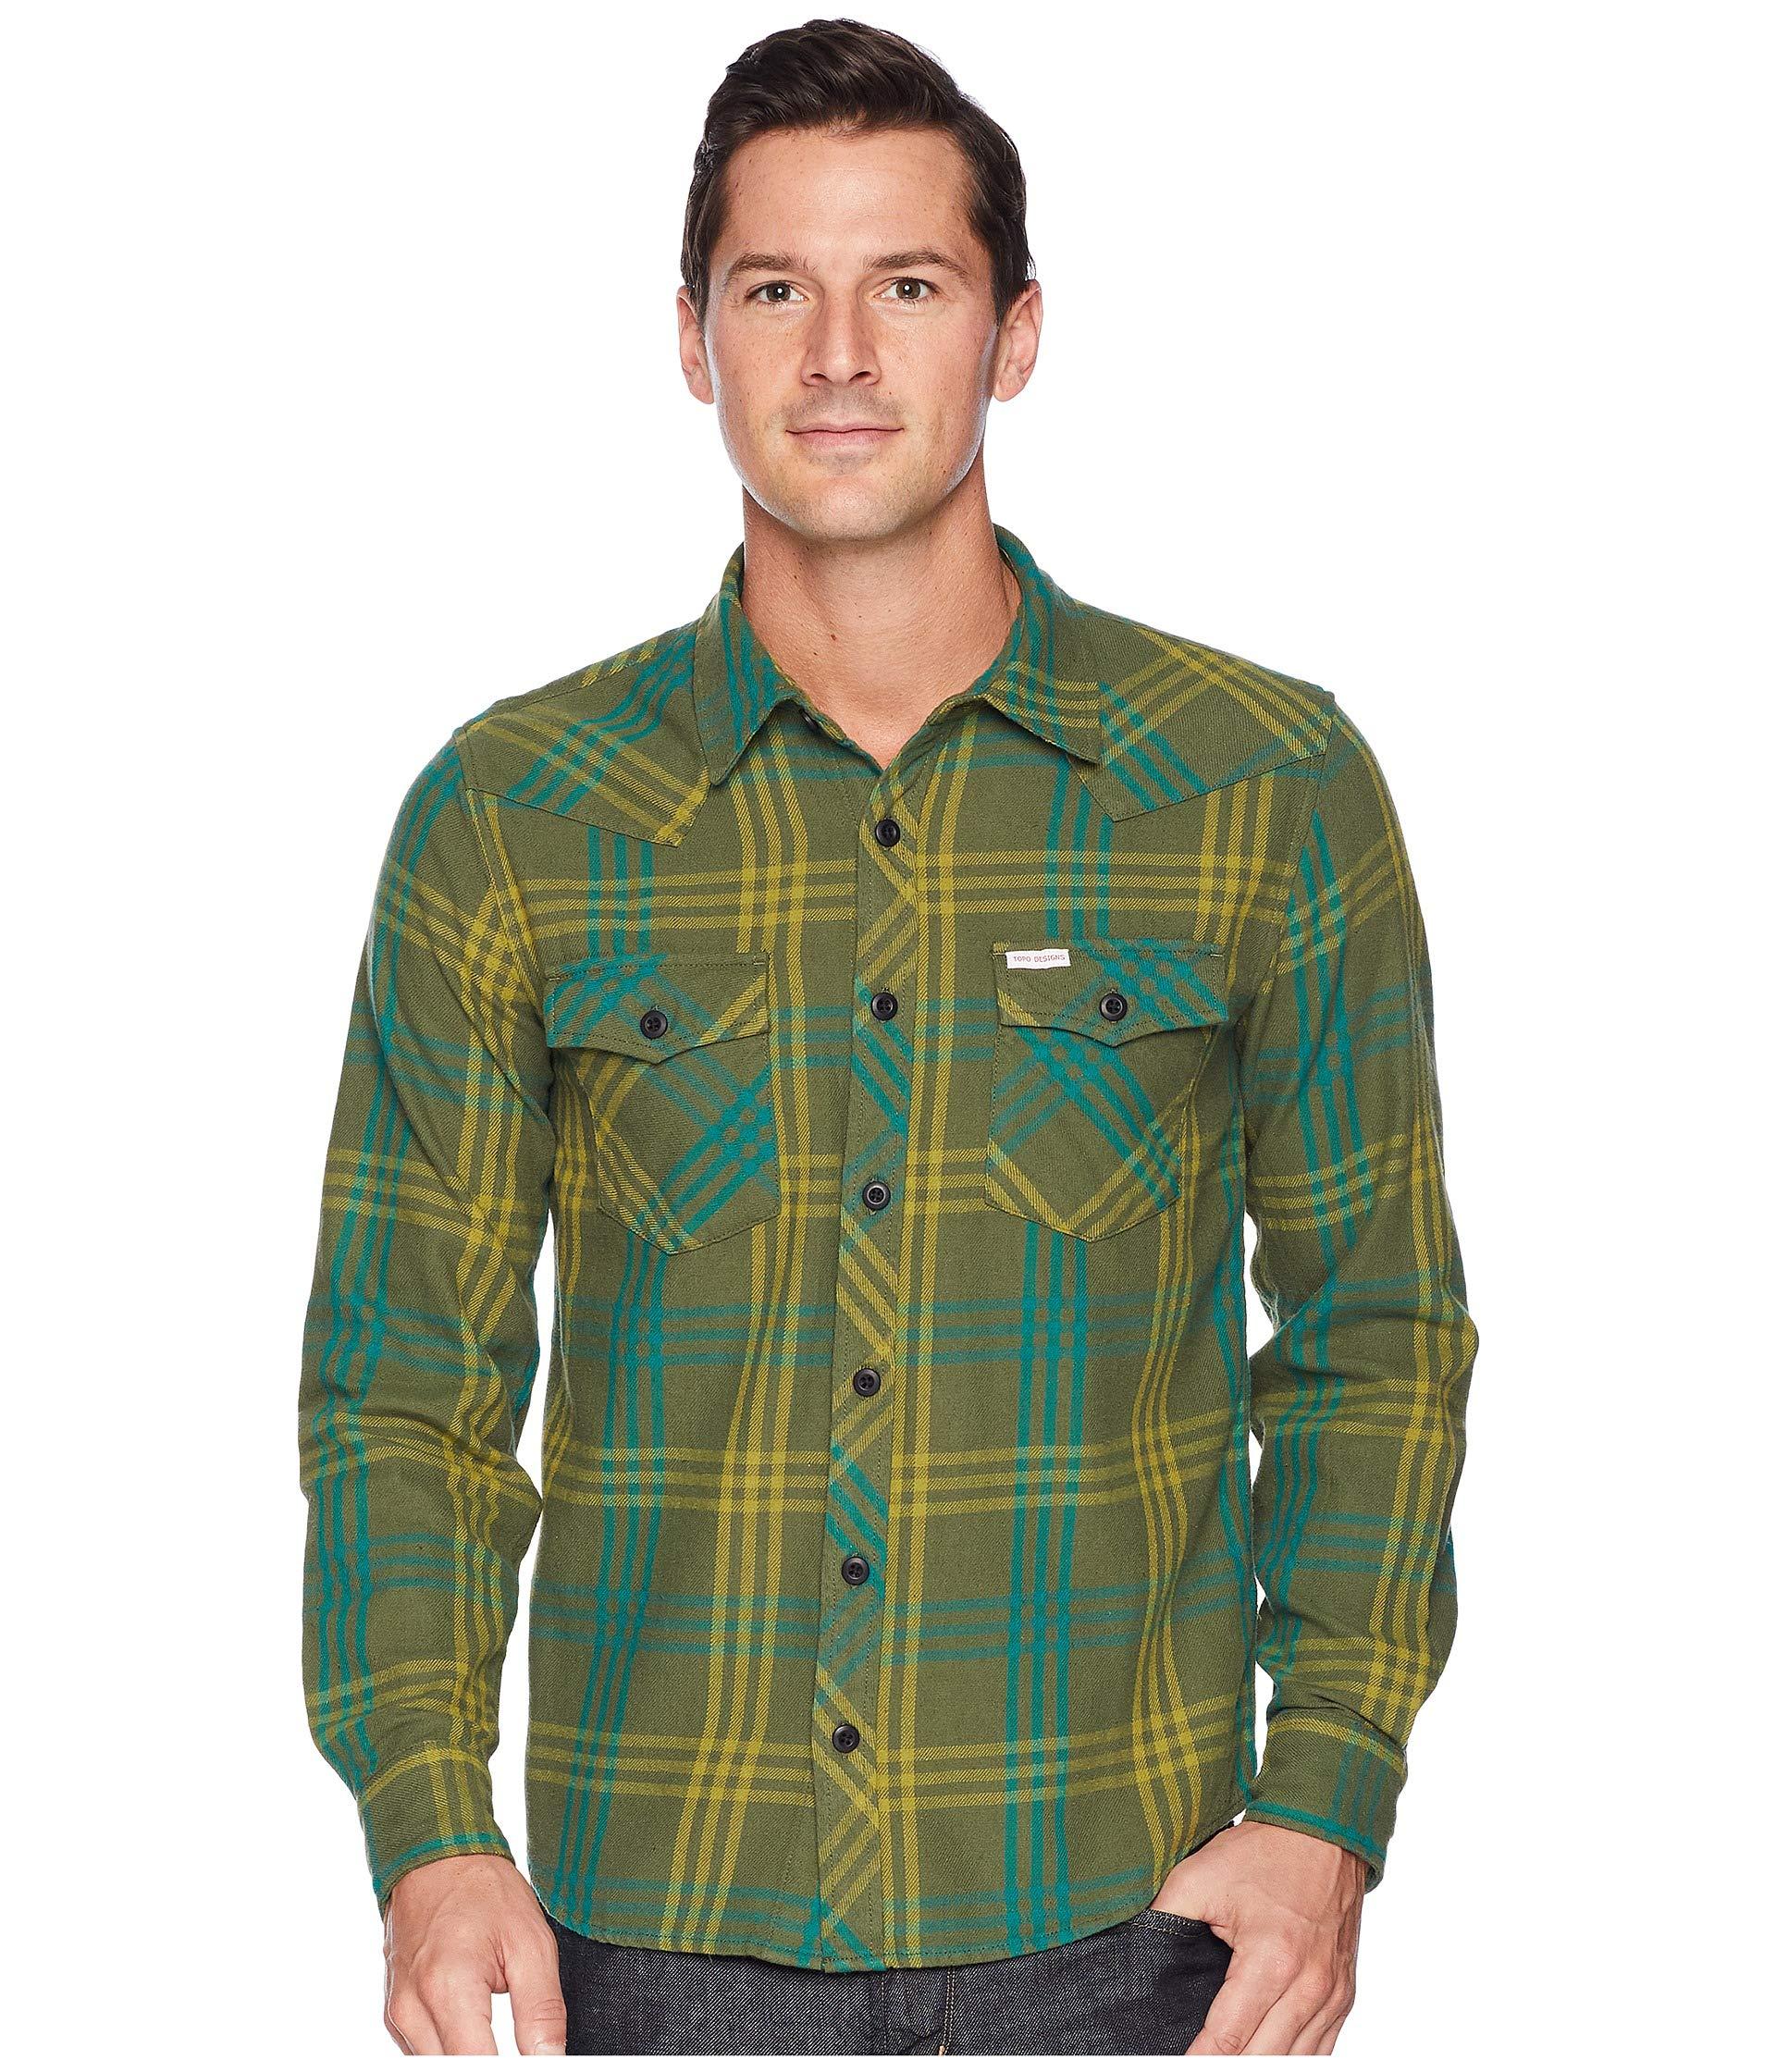 Mountain Shirt Designs Green Topo Plaid qwn6TU5C